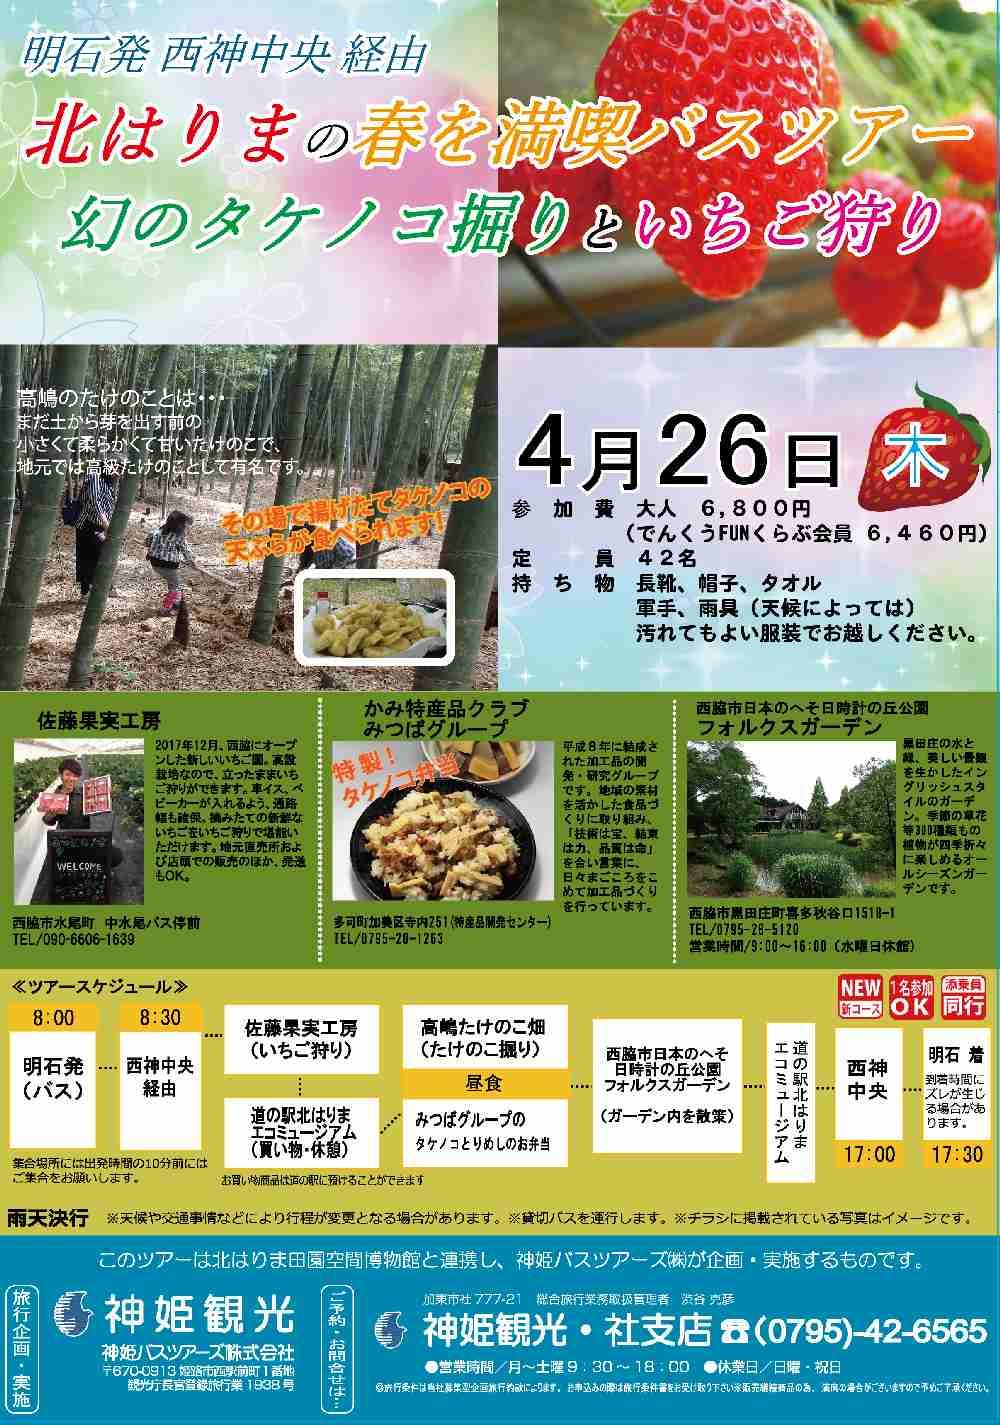 4/26 明石発バスツアー「タケノコ掘りとイチゴ狩り」参加者募集